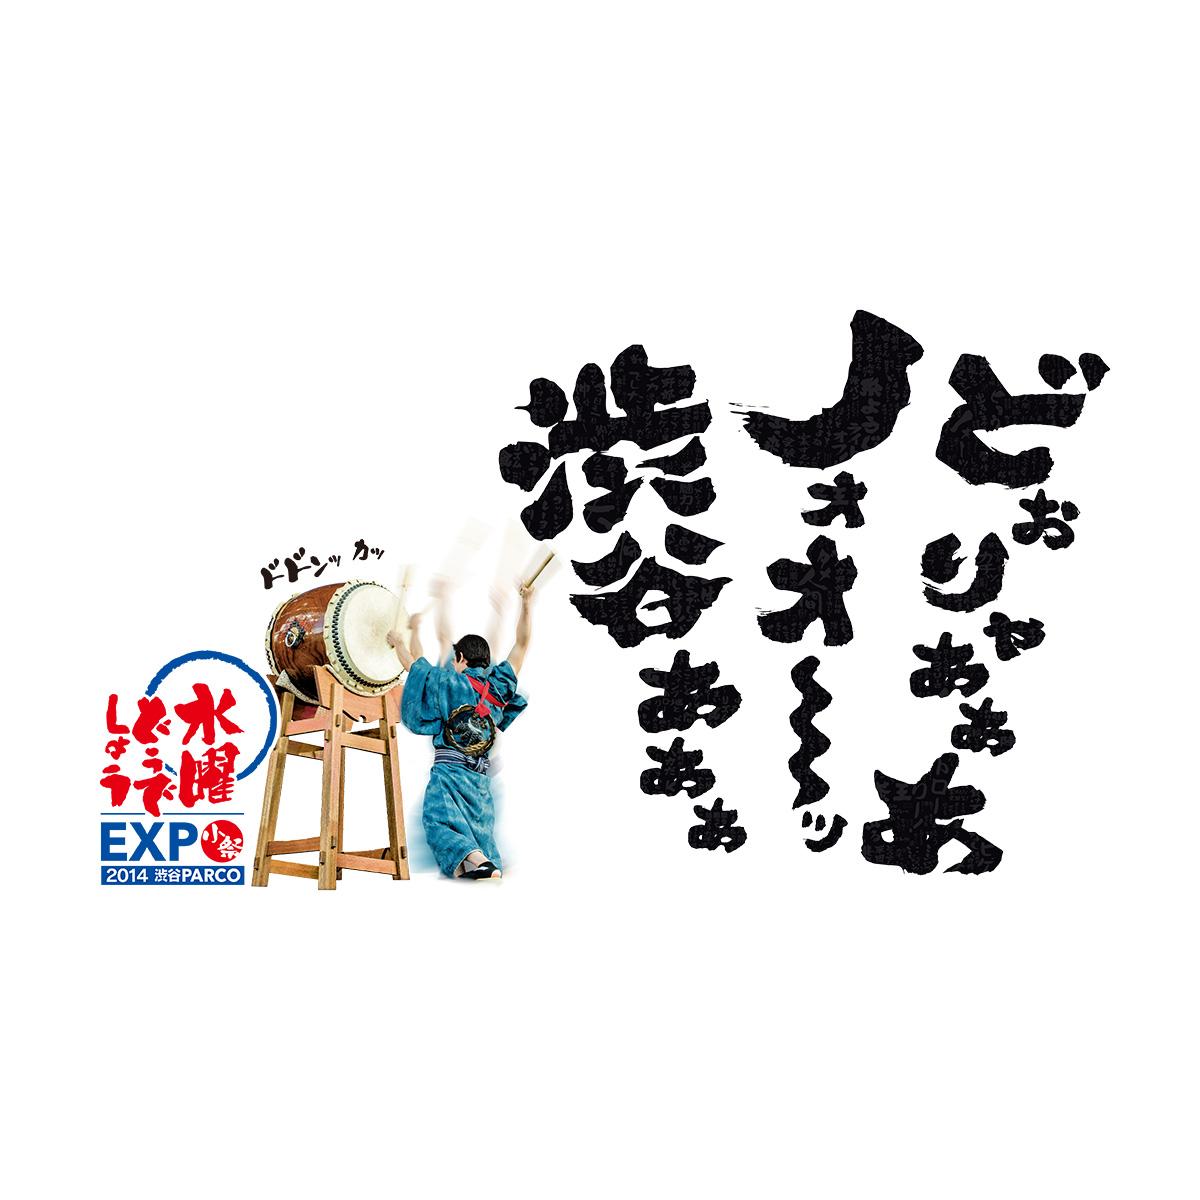 水曜どうでしょう EXPO小祭(渋谷パルコ)